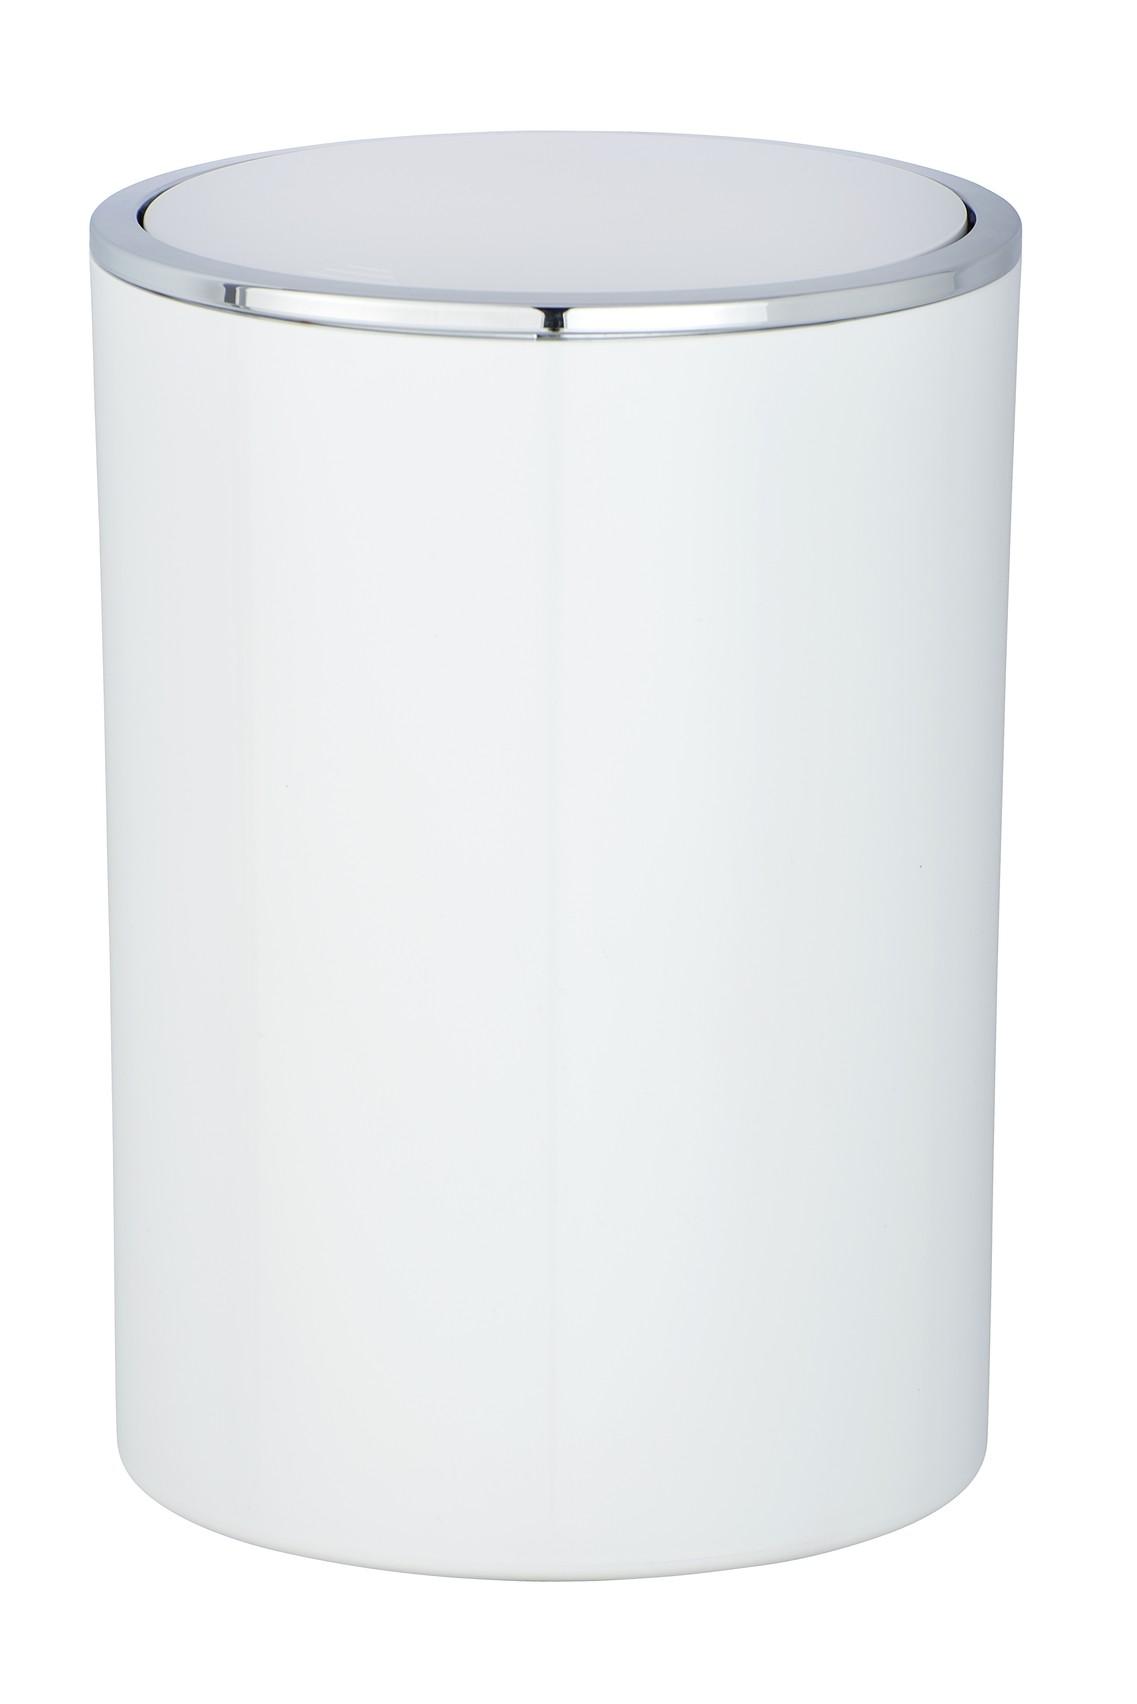 Wenko Schwingdeckeleimer Inca White, hochwertiger Kunststoff, 5 Liter